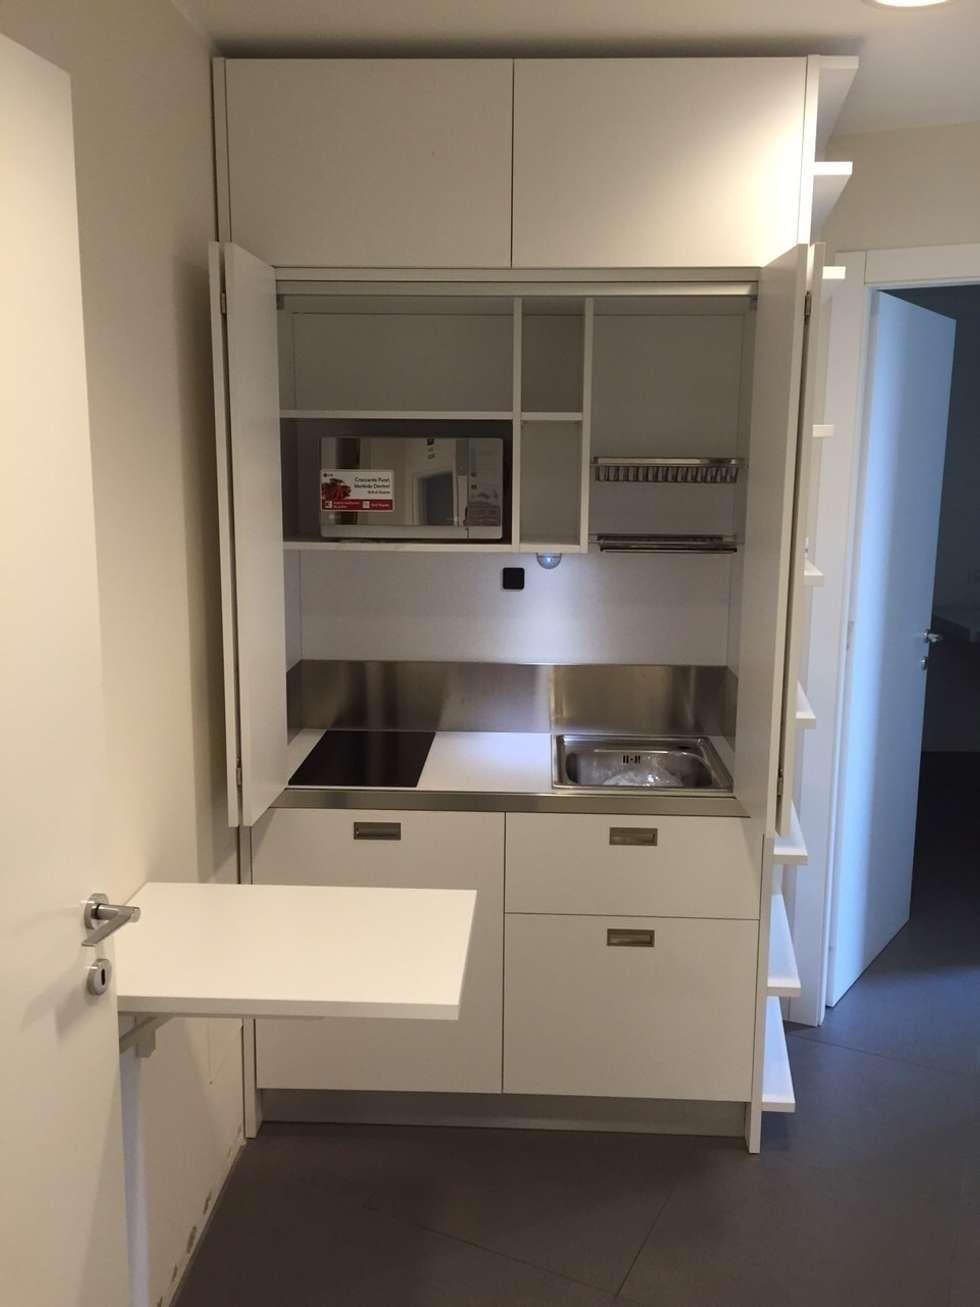 Idee arredamento casa interior design homify - Cucina con tavolo a scomparsa ...